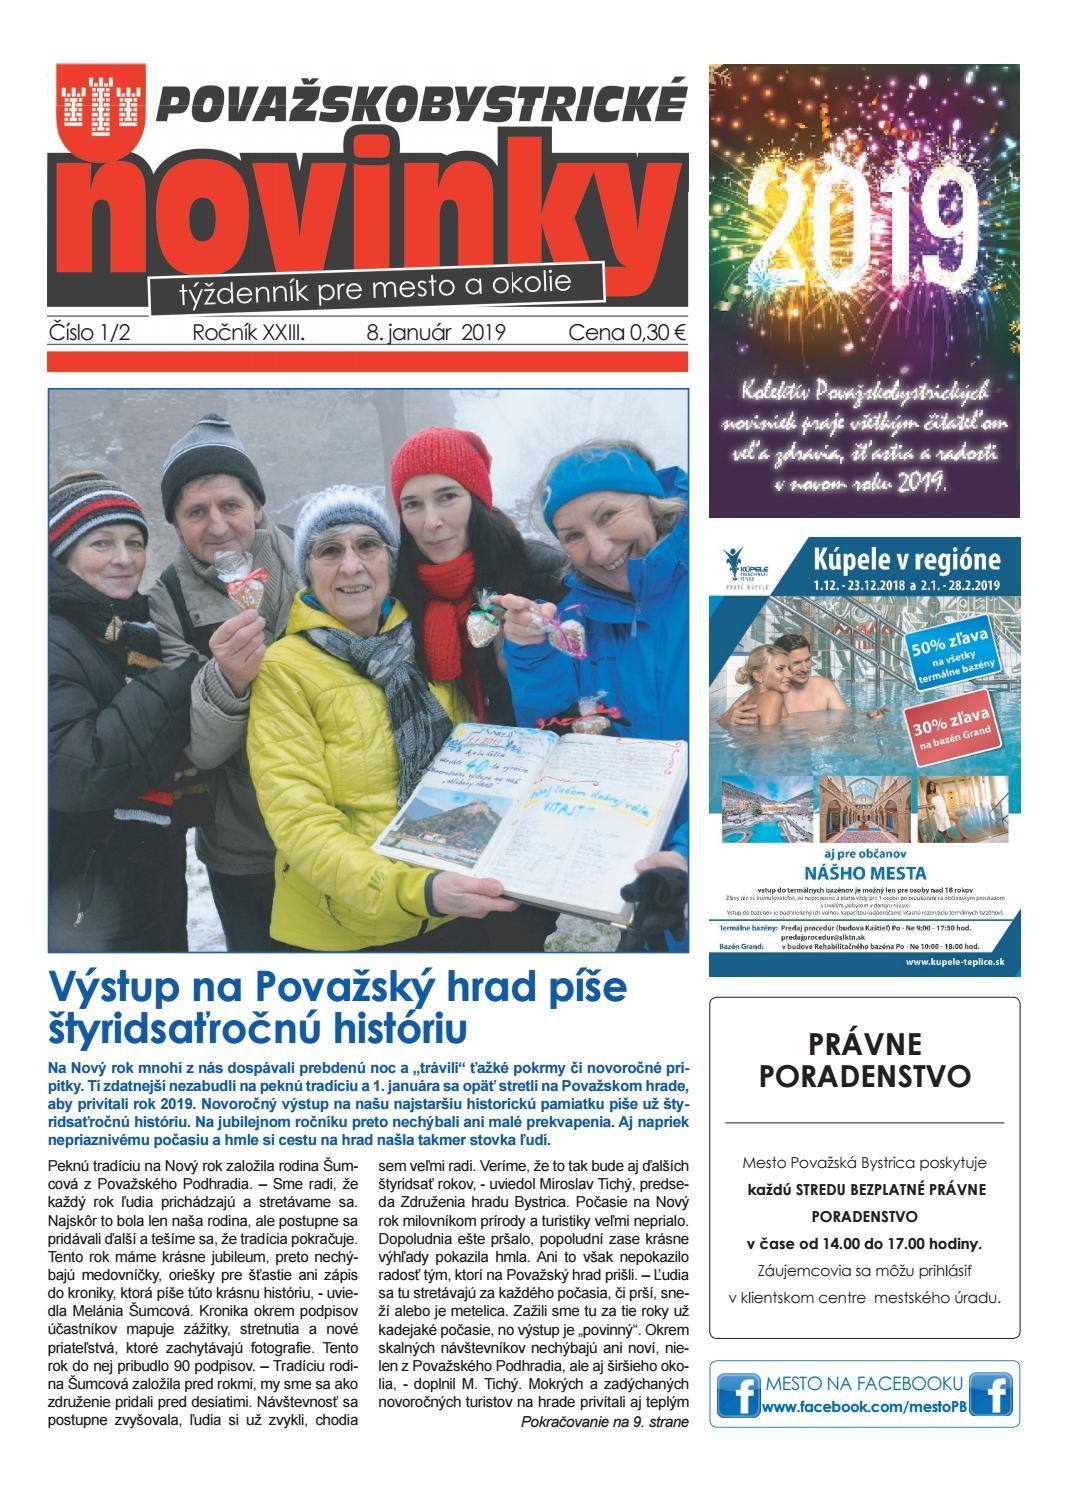 04e64371dfd4 Považskobystrické novinky č. 1-2  2019 by Považskobystrické novinky - issuu